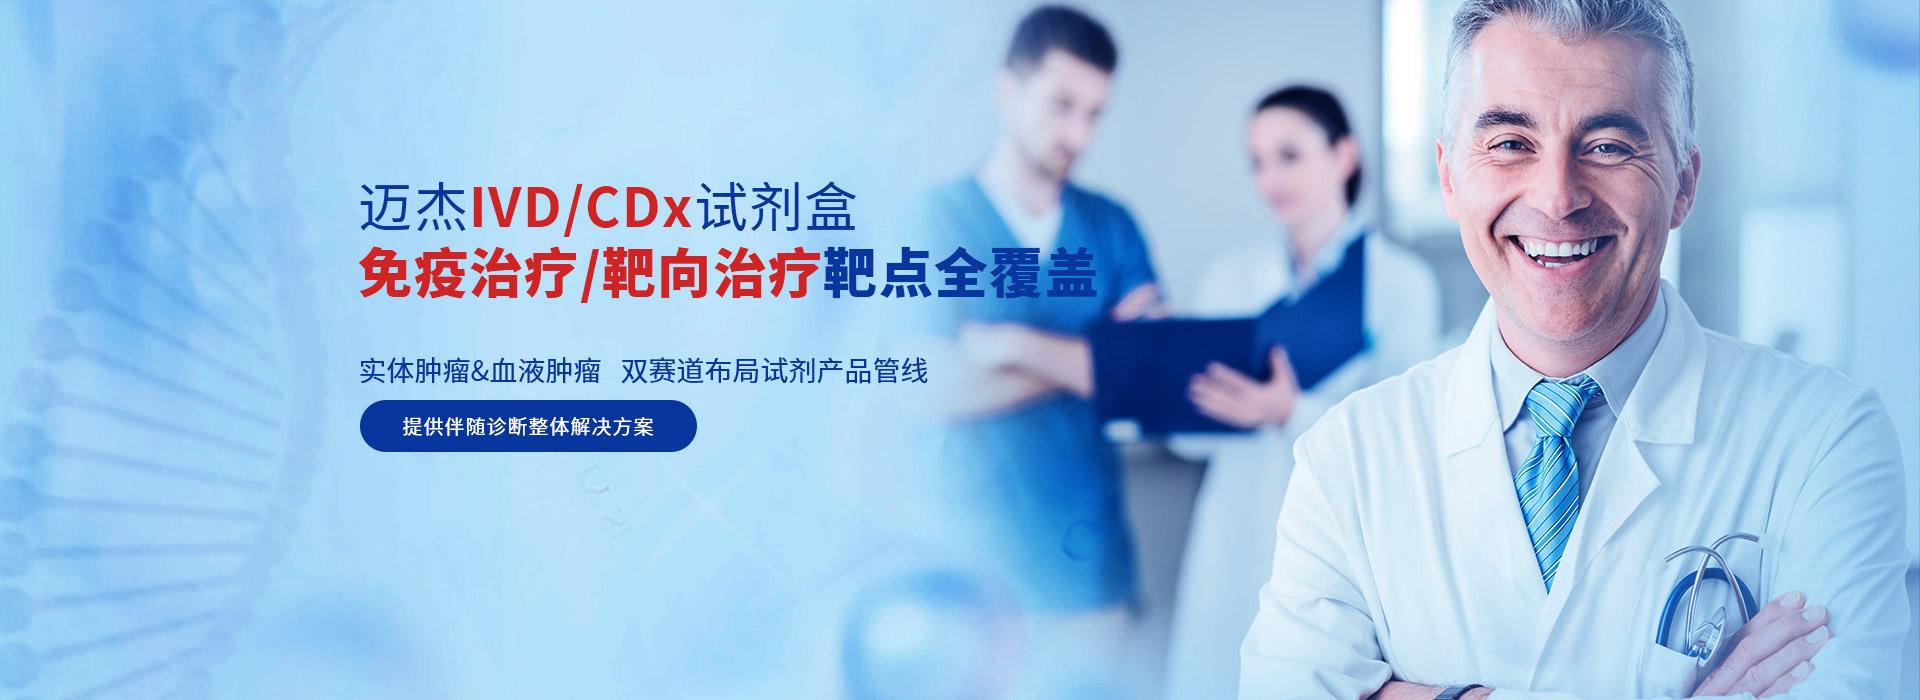 迈杰转化医学IVD/CDx试剂盒 免疫治疗 靶向治疗靶点全覆盖